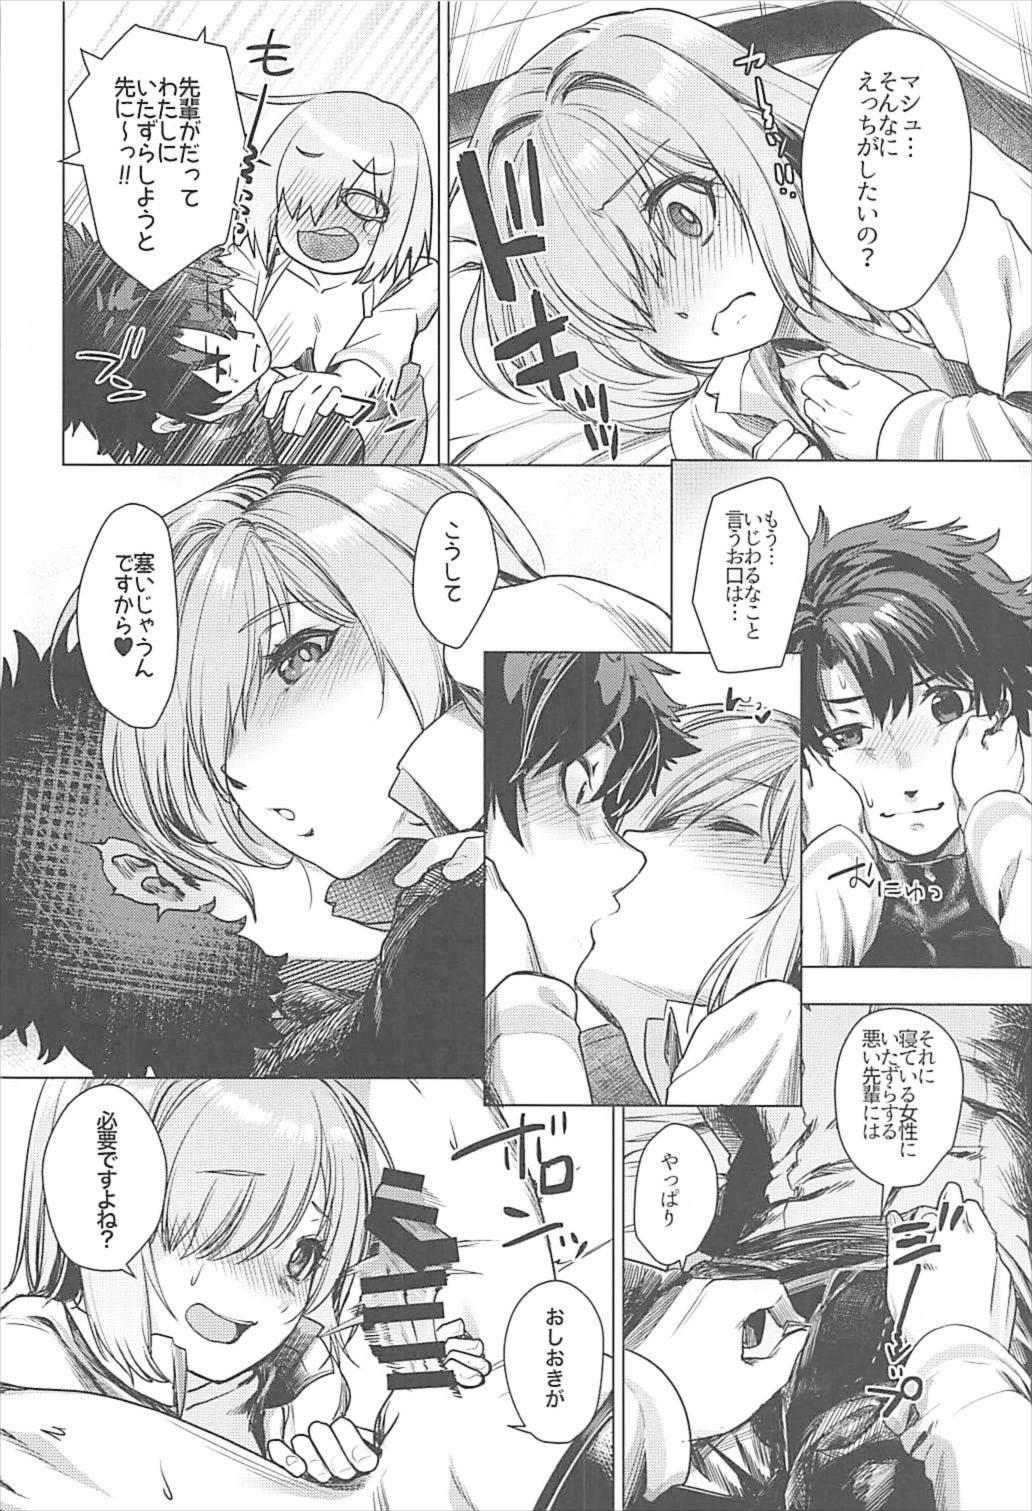 【エロ同人誌】無防備で愛すぎるマシュとテントの中でいちゃラブえっちwww【Fate Grand Order/C93】